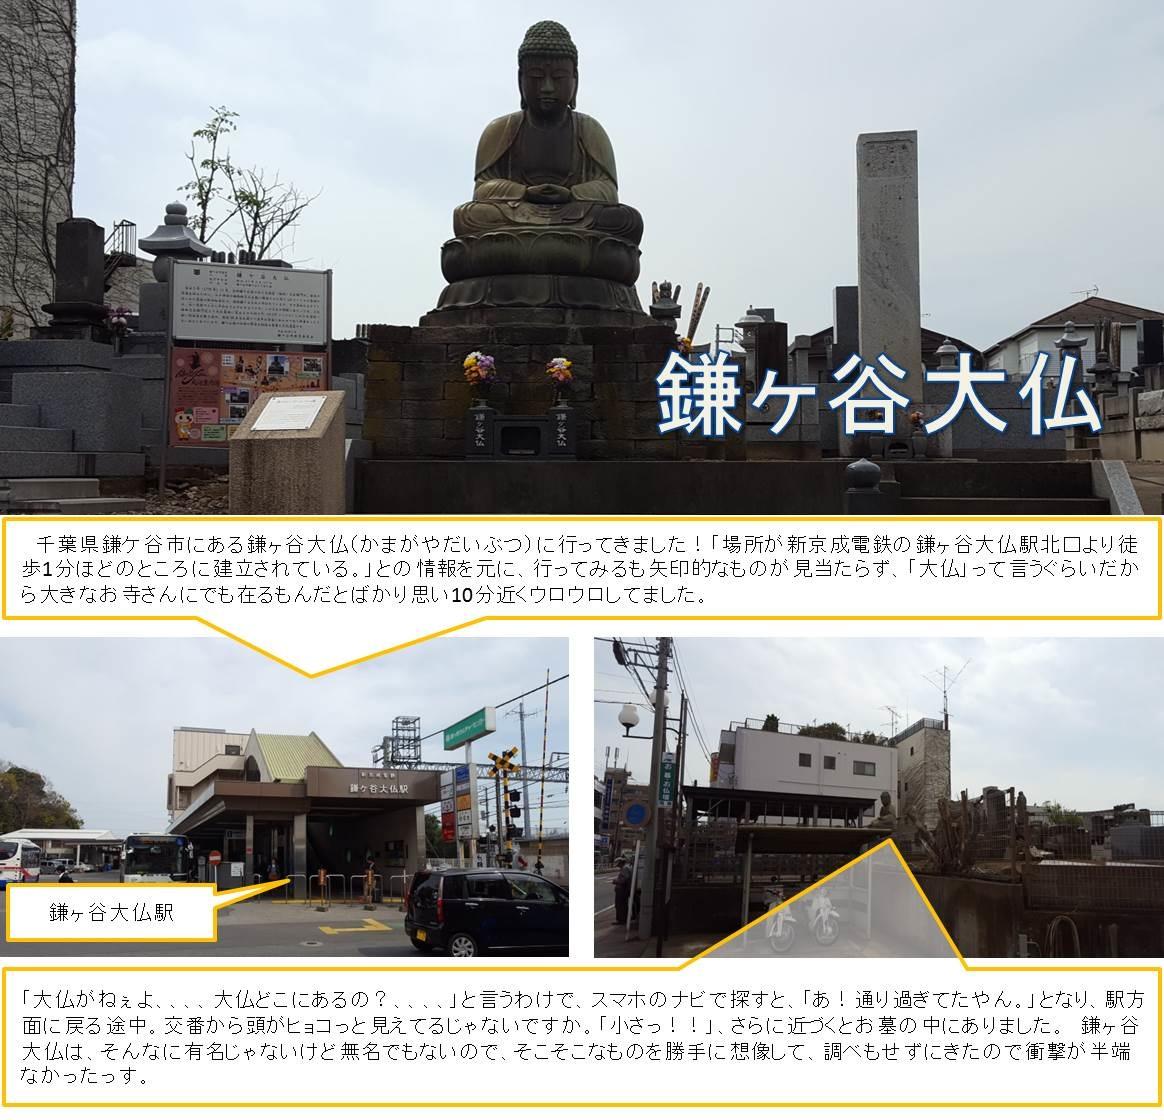 千葉県鎌ケ谷市にある鎌ヶ谷大仏(かまがやだいぶつ)に行ってきました!「場所が新京成電鉄の鎌ヶ谷大仏駅北口より徒歩1分ほどのところに建立されている。」との情報を元に、行ってみるも矢印的なものが見当たらず、「大仏」って言うぐらいだから大きなお寺さんにでも在るもんだとばかり思い10分近くウロウロしてました。「大仏がねぇよ、、、、大仏どこにあるの?、、、、」と言うわけで、スマホのナビで探すと、「あ!通り過ぎてたやん。」となり、駅方面に戻る途中。交番から頭がヒョコっと見えてるじゃないですか。「小さっ!!」、さらに近づくとお墓の中にありました。 鎌ヶ谷大仏は、そんなに有名じゃないけど無名でもないので、そこそこなものを勝手に想像して、調べもせずにきたので衝撃が半端なかったっす。